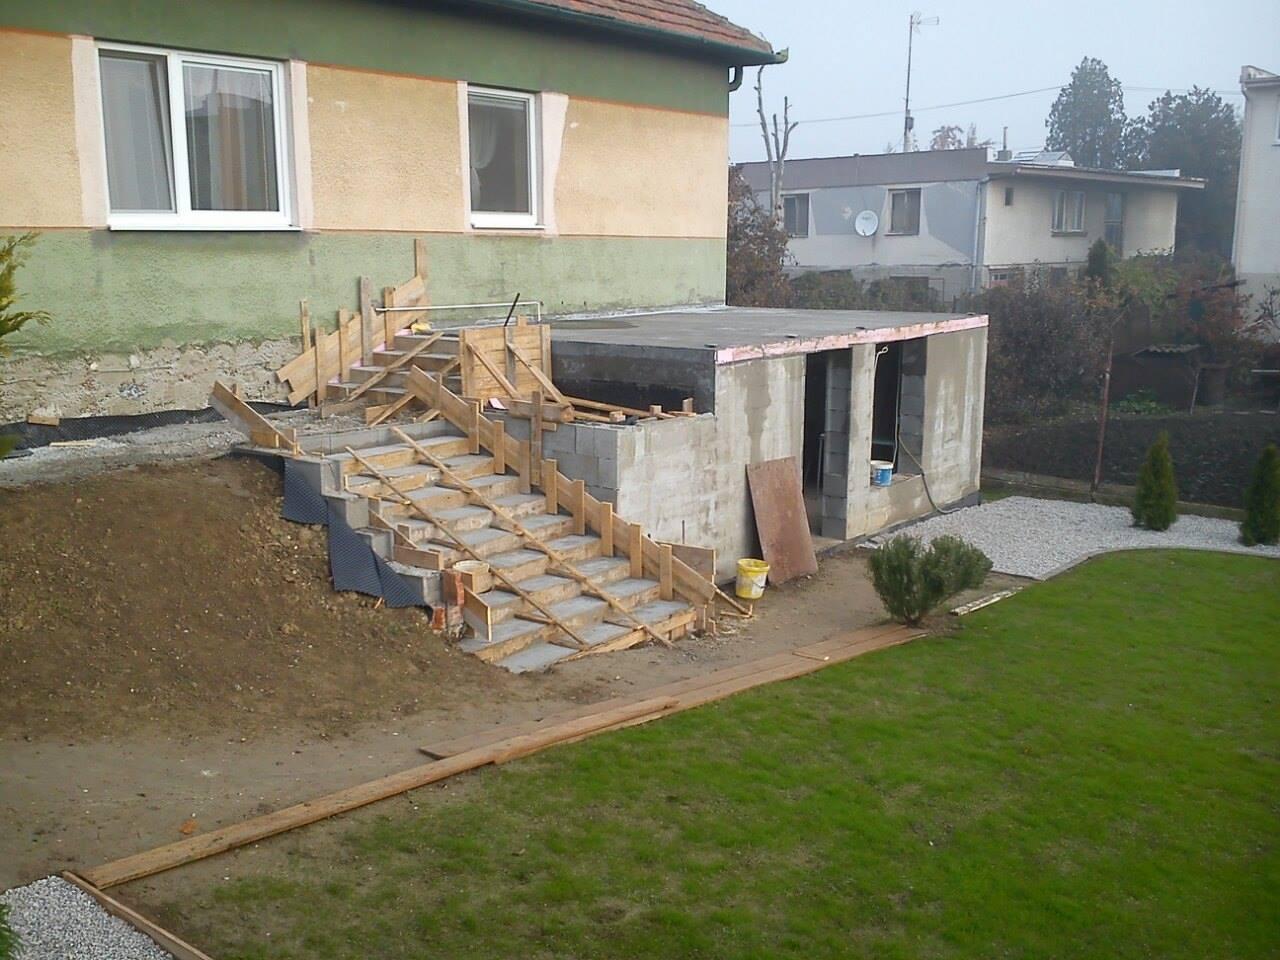 Premena nášho domu - Už aj schody a záhon na kvety a trávička sa krásne zelená :)